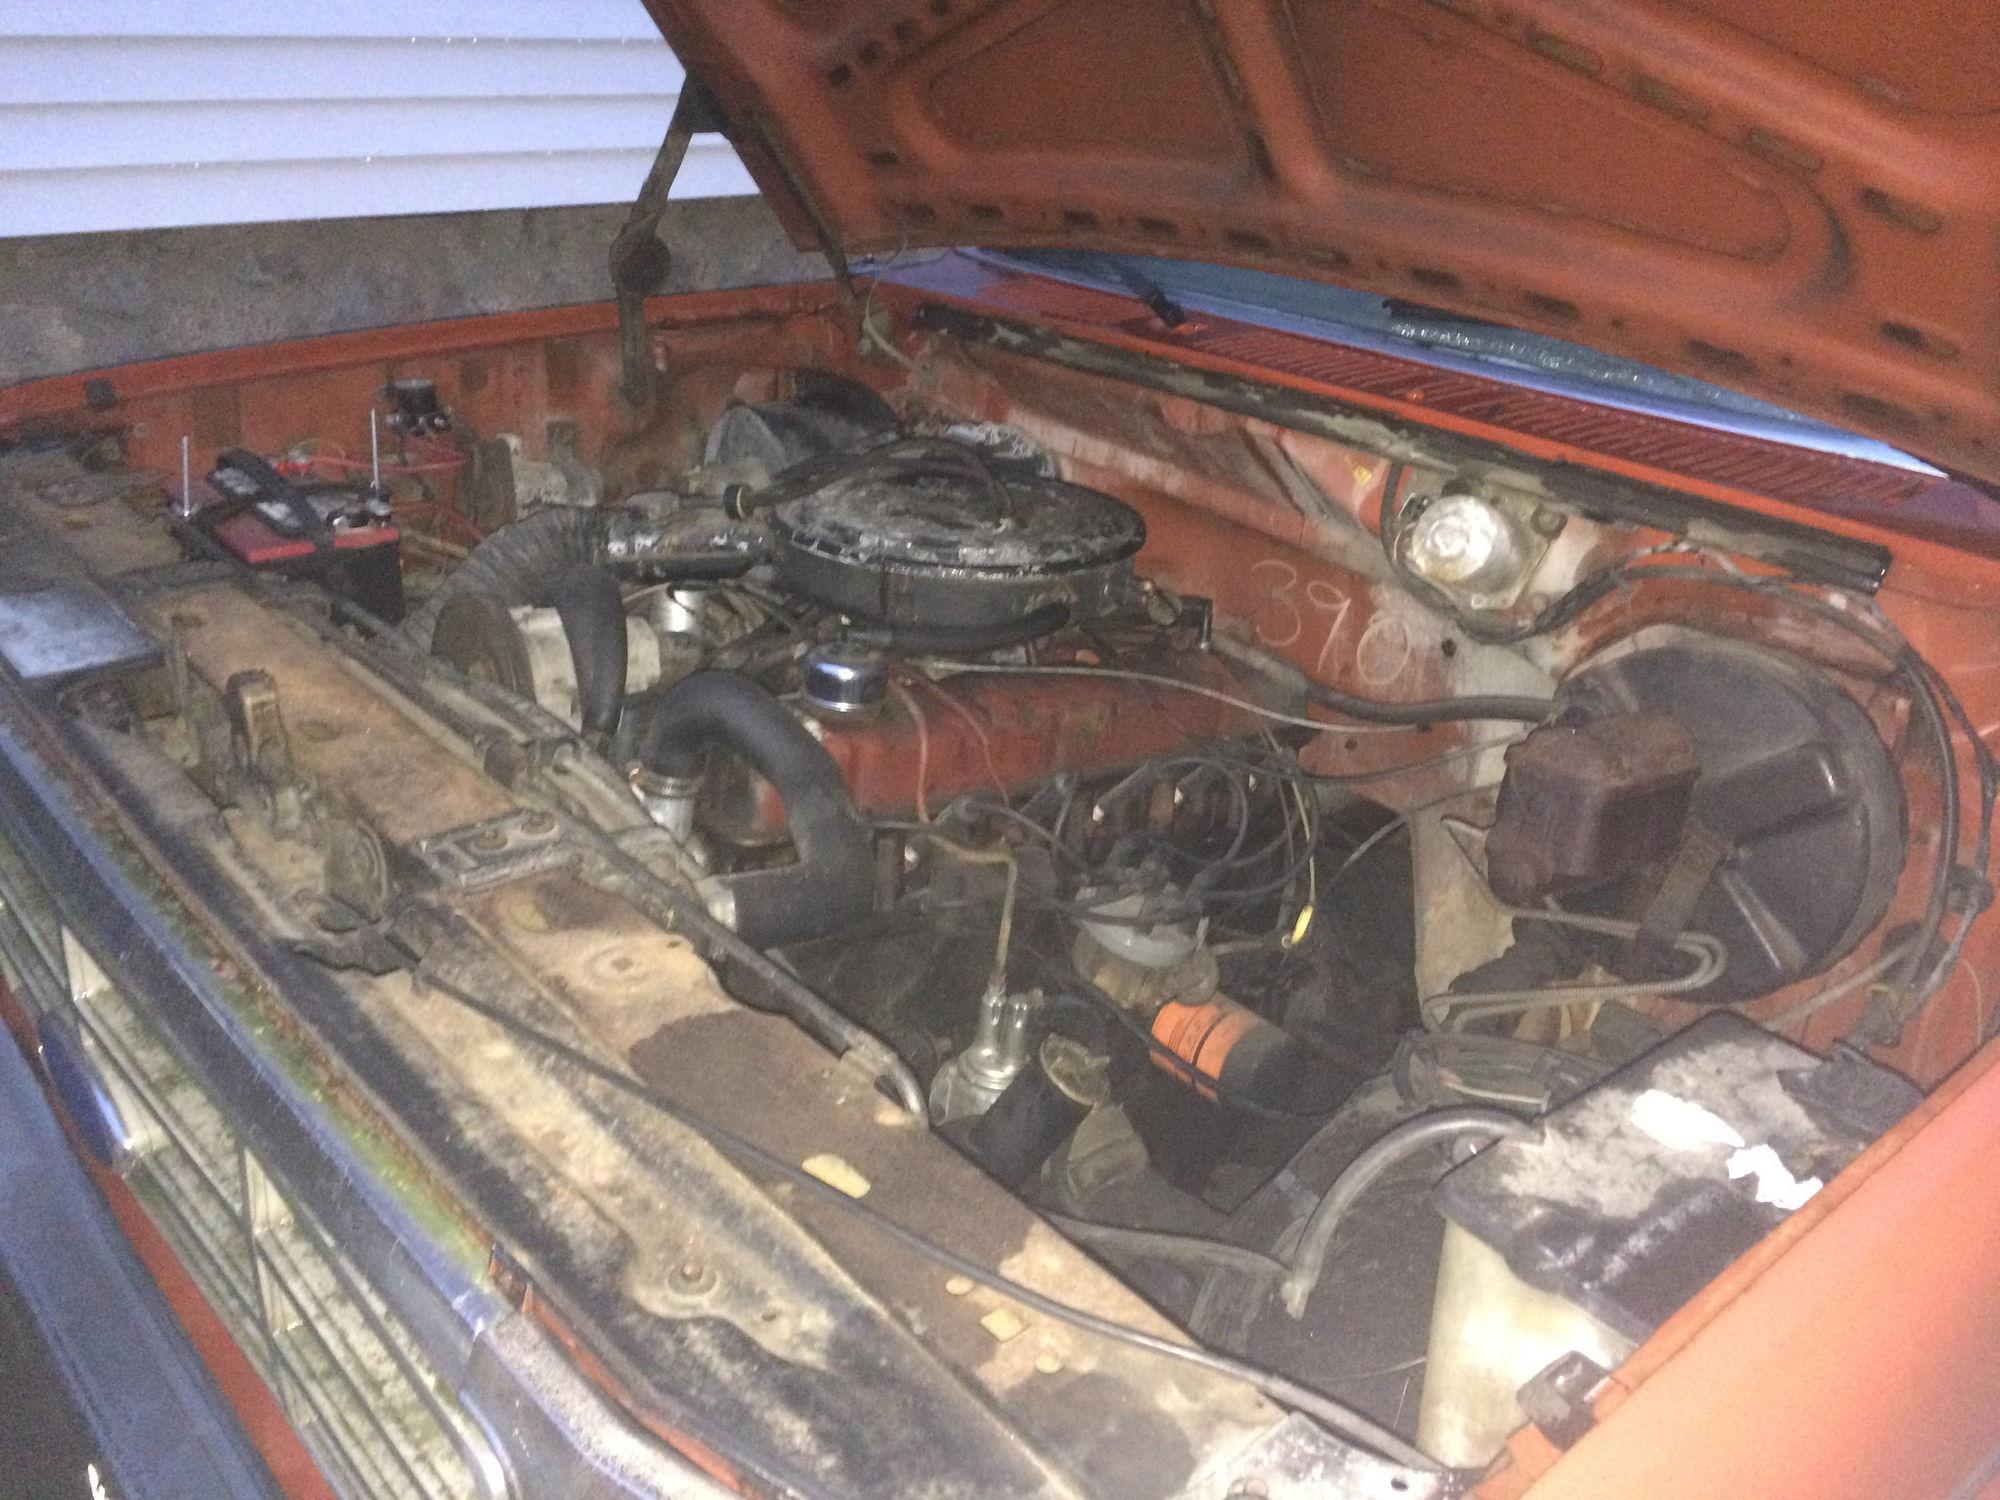 1983 Ford F150 Carburetor - Ford F150 Forum